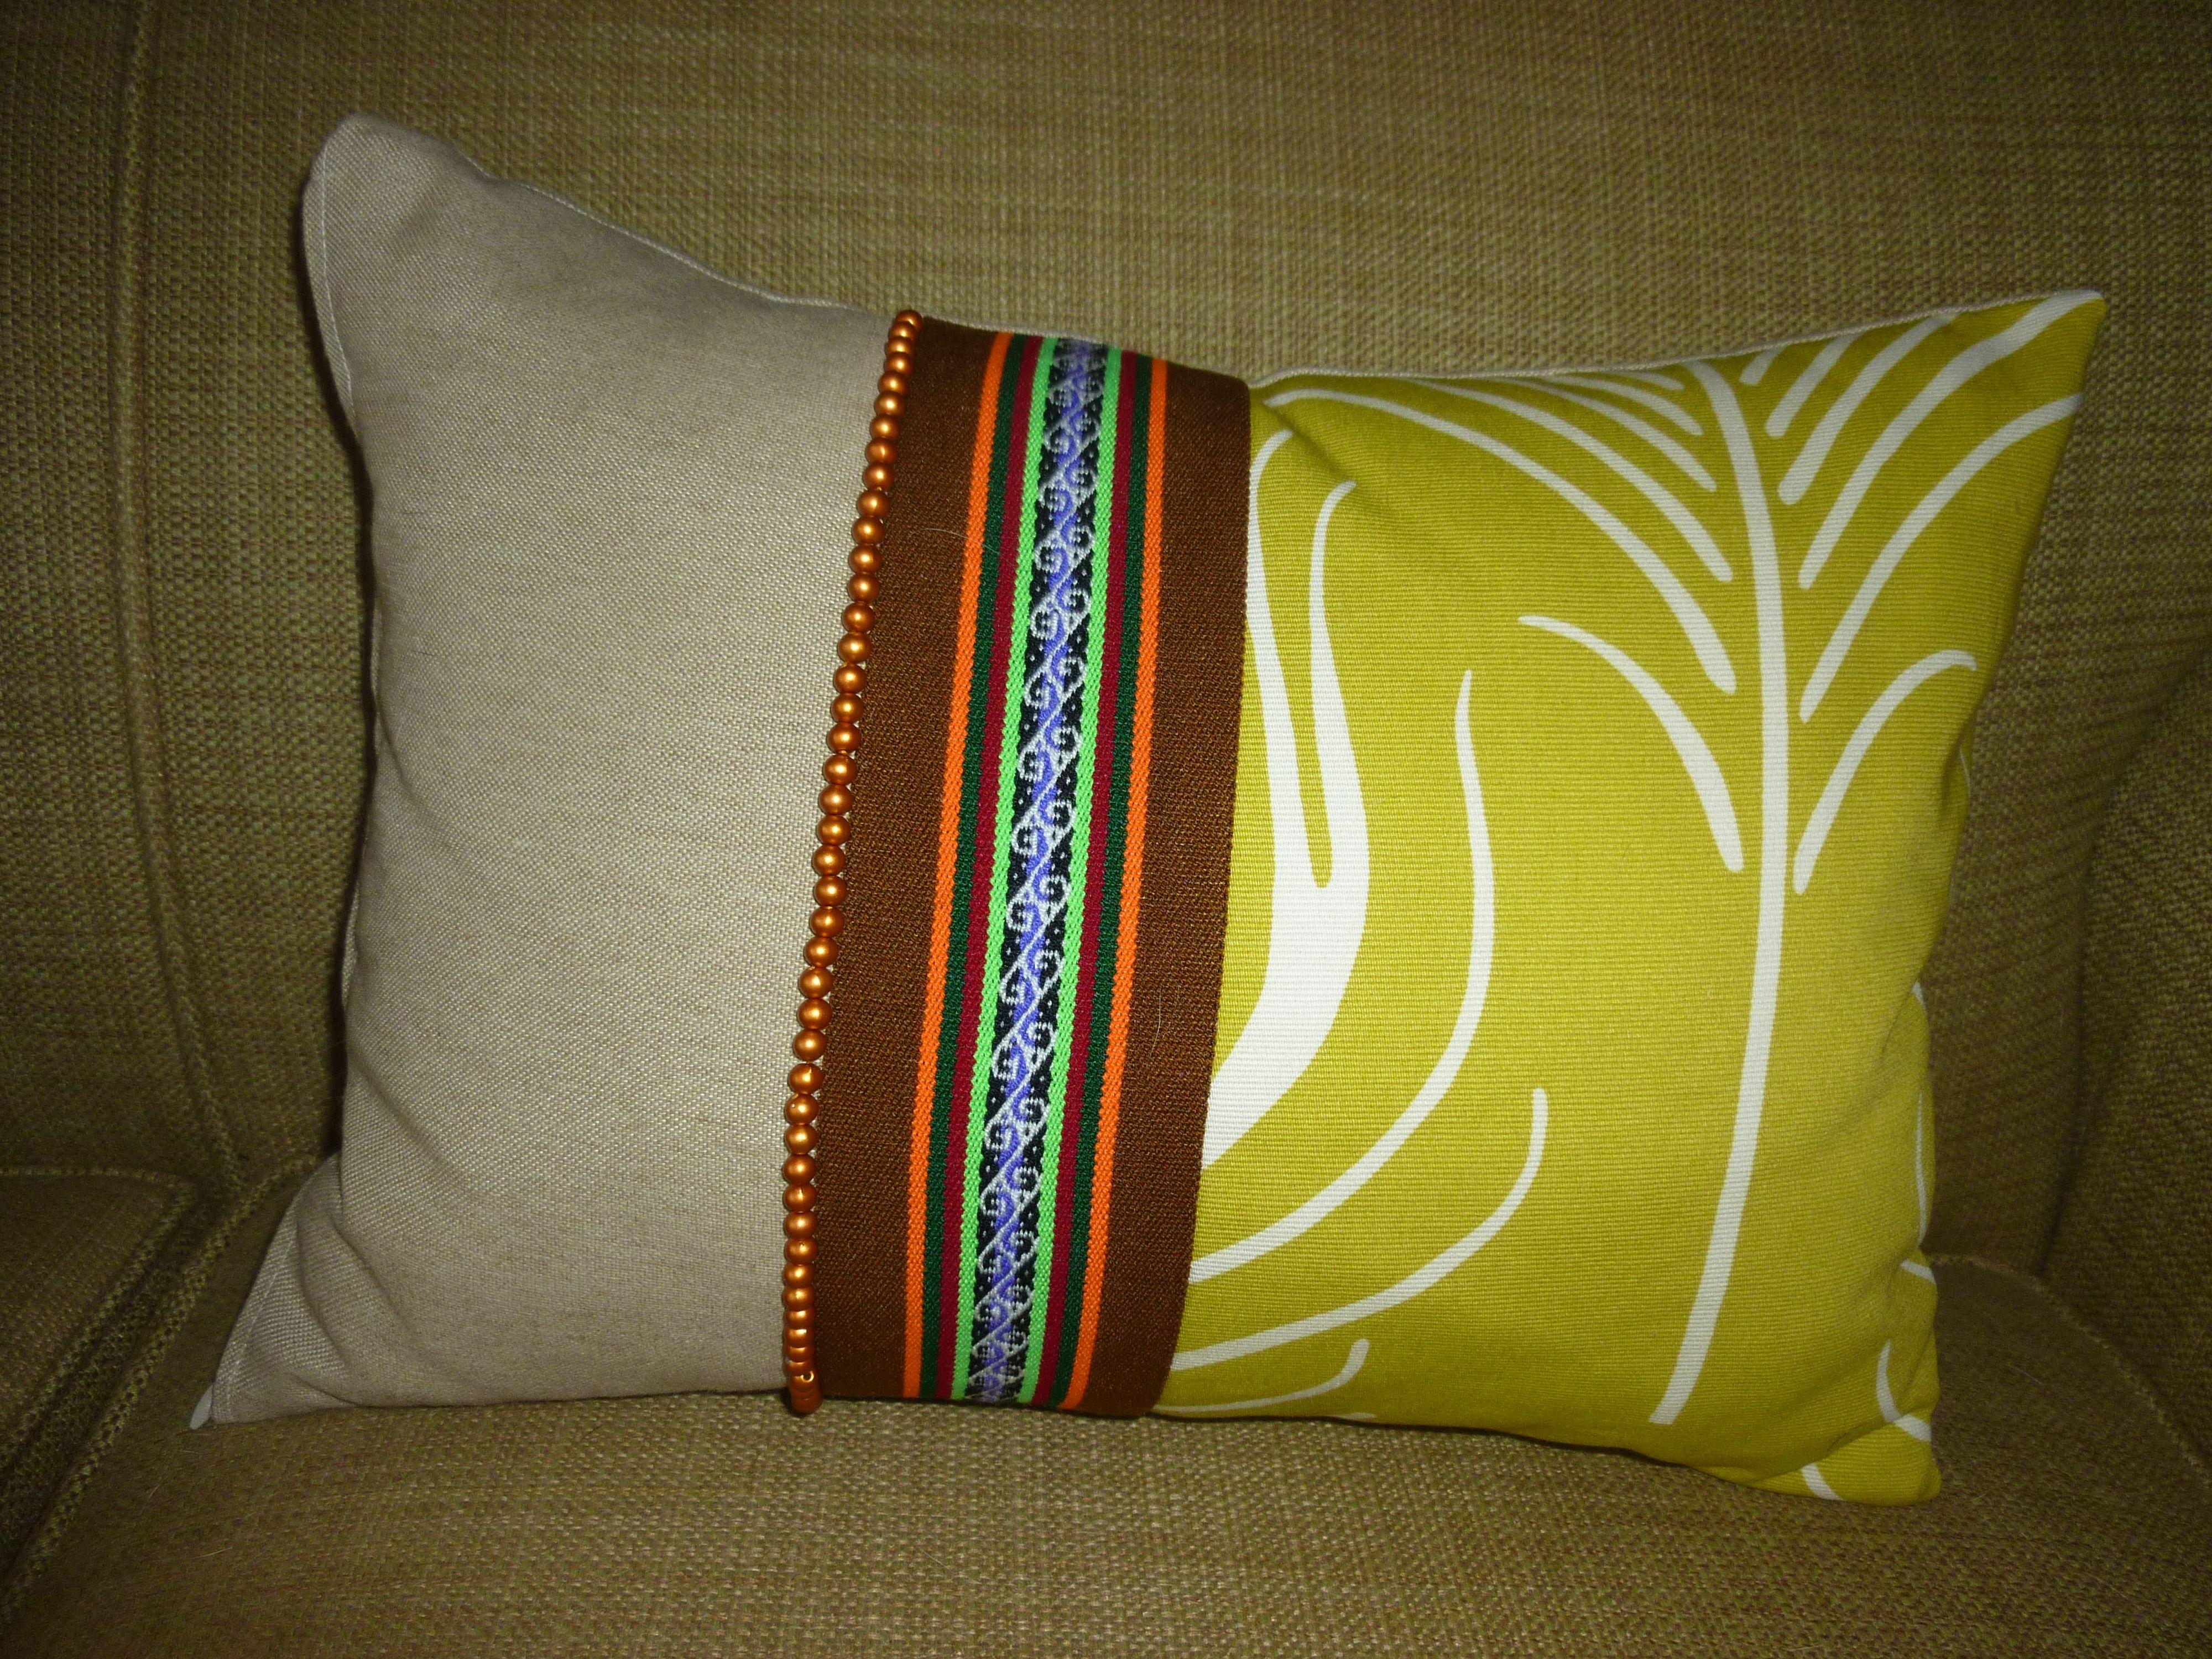 cojin decorativo con telas recicladas, cuentas y tejido artesanal peruano